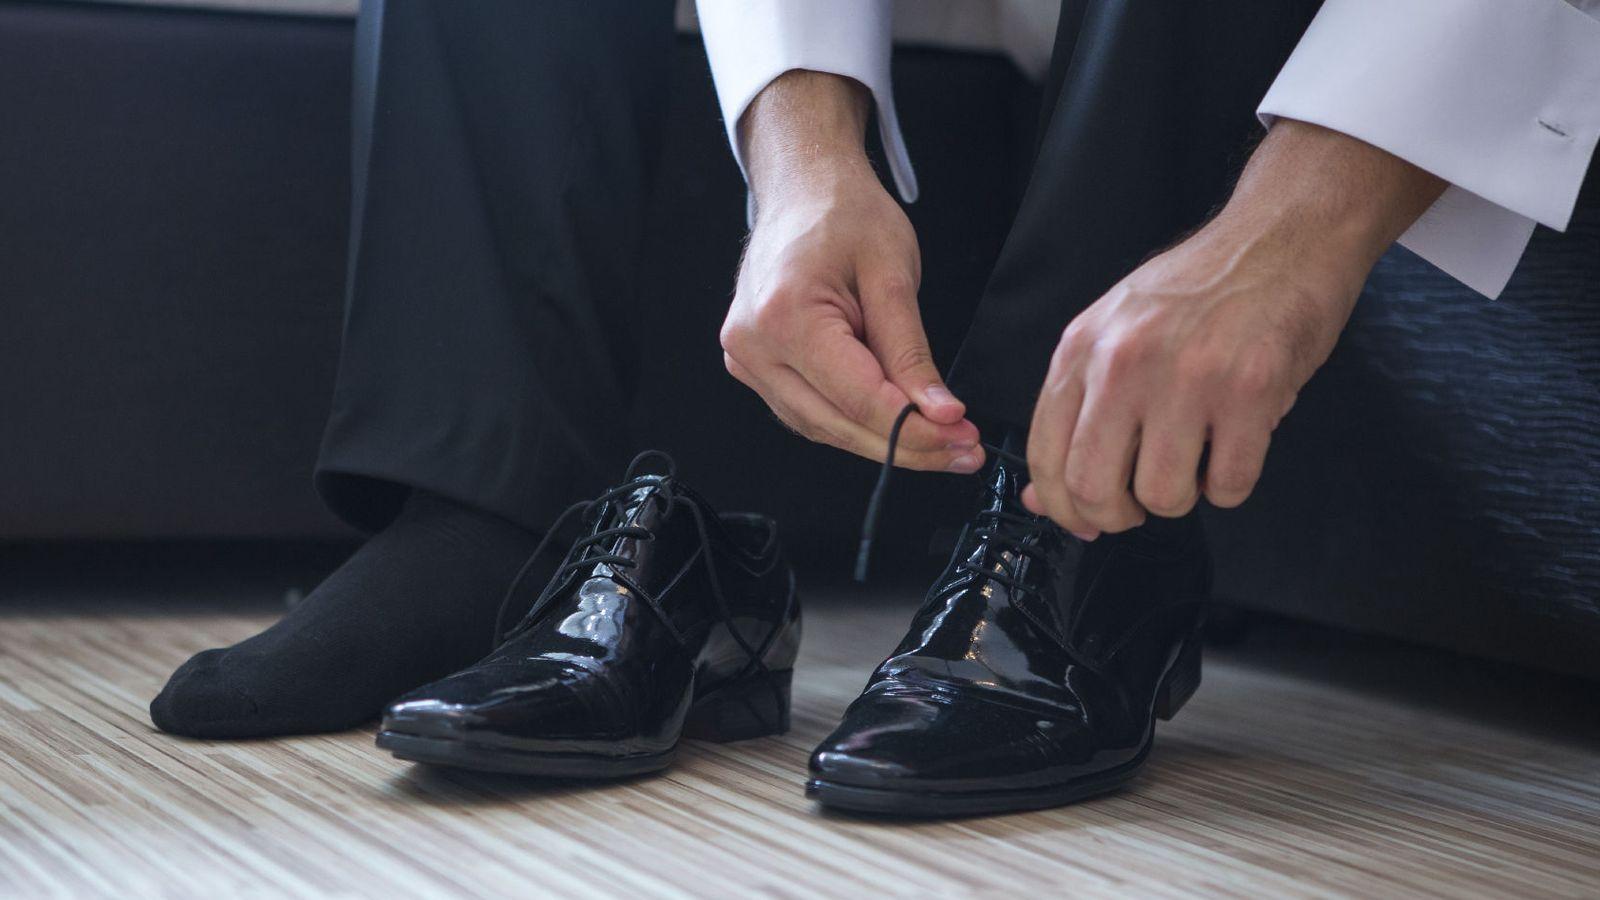 a5c2497e26d el-error-que-cometen-todos-los-hombres-cuando-se-compran-unos-zapatos -nuevos.jpg?mtime=1454513857